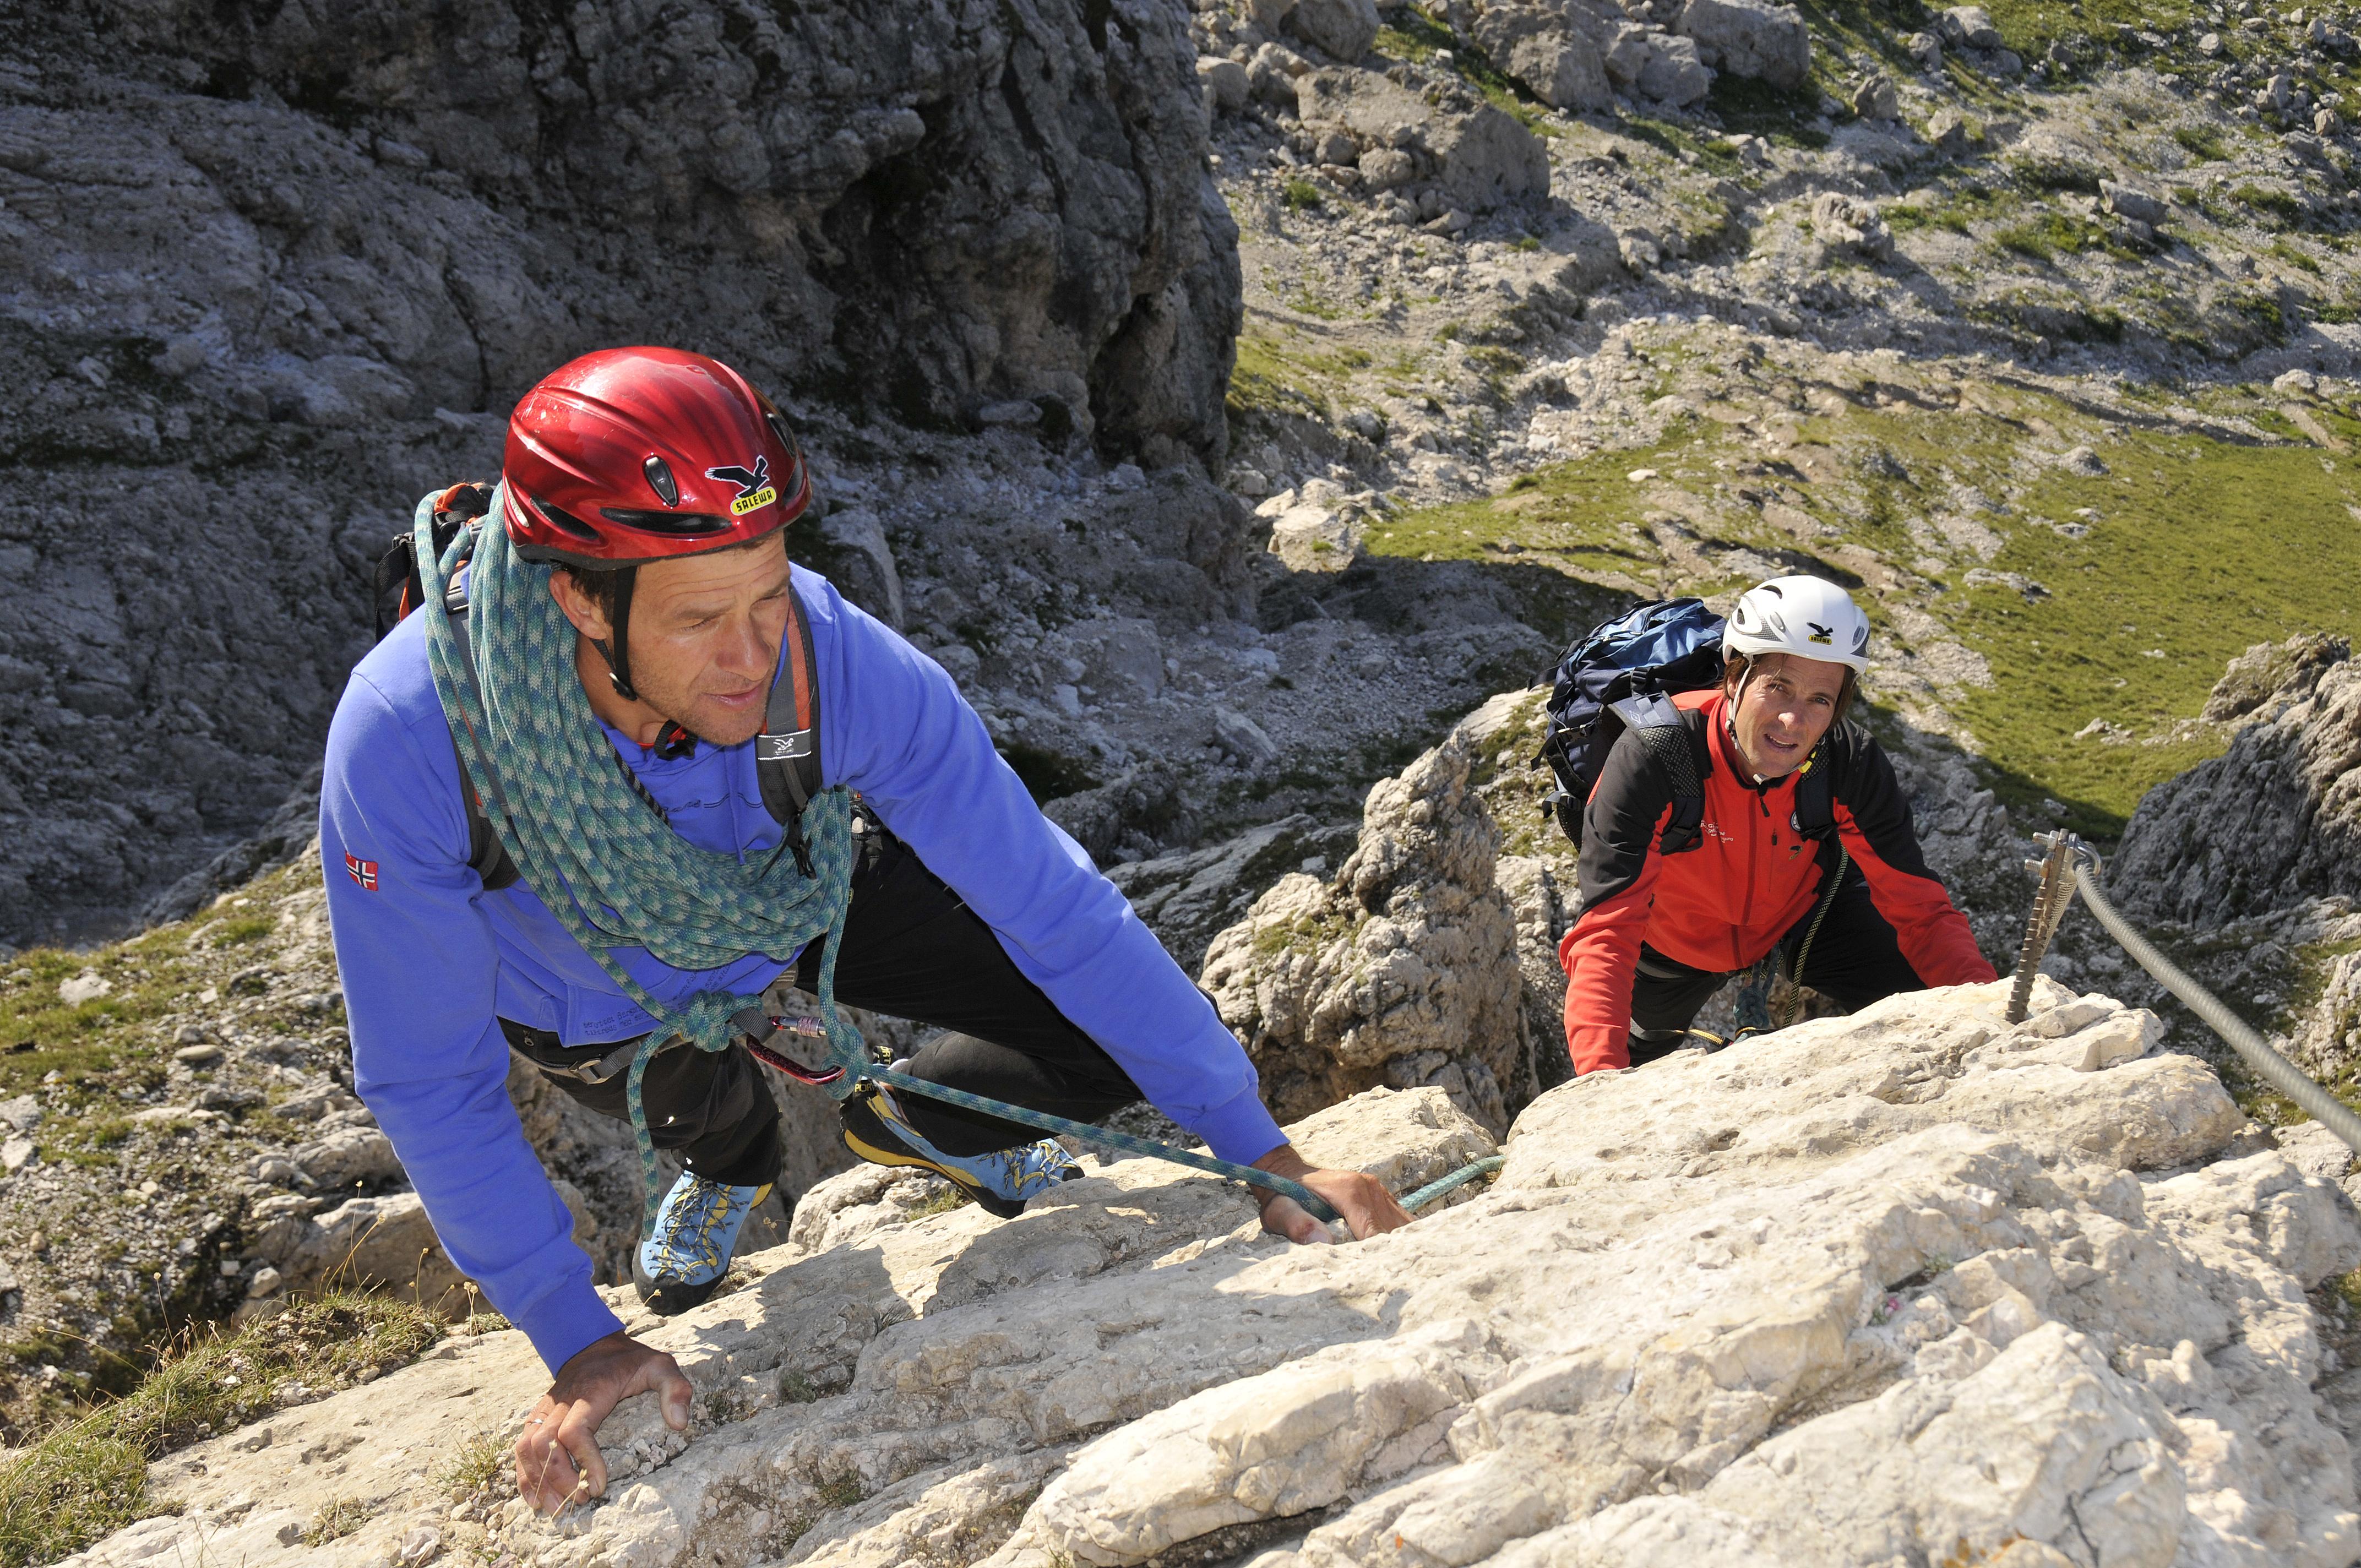 Klettersteigset Paket : Vorsorglicher Überprüfungsaufruf klettersteigsets skylotec